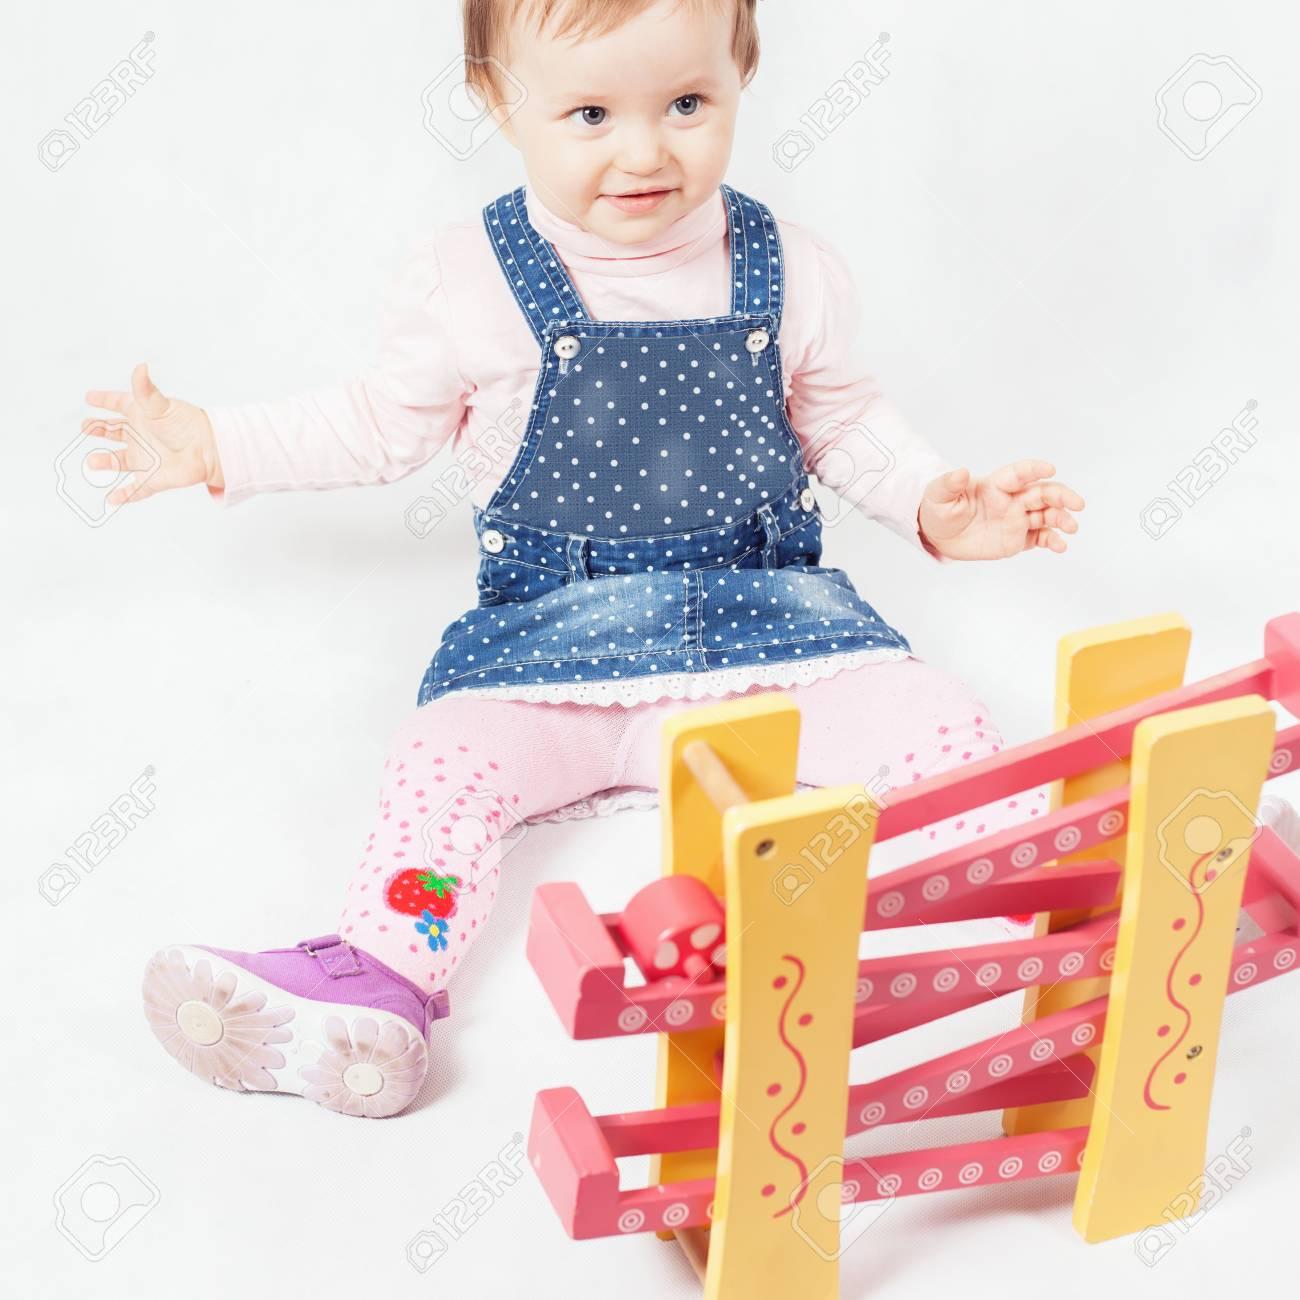 Drôle Petite Fille Jouant Avec Le Jeu De Jouets Pour Le Développement.  Enfant. Activités De La Maternelle. Centre D'apprentissage Kindercare. tout Jeux D Apprentissage Maternelle